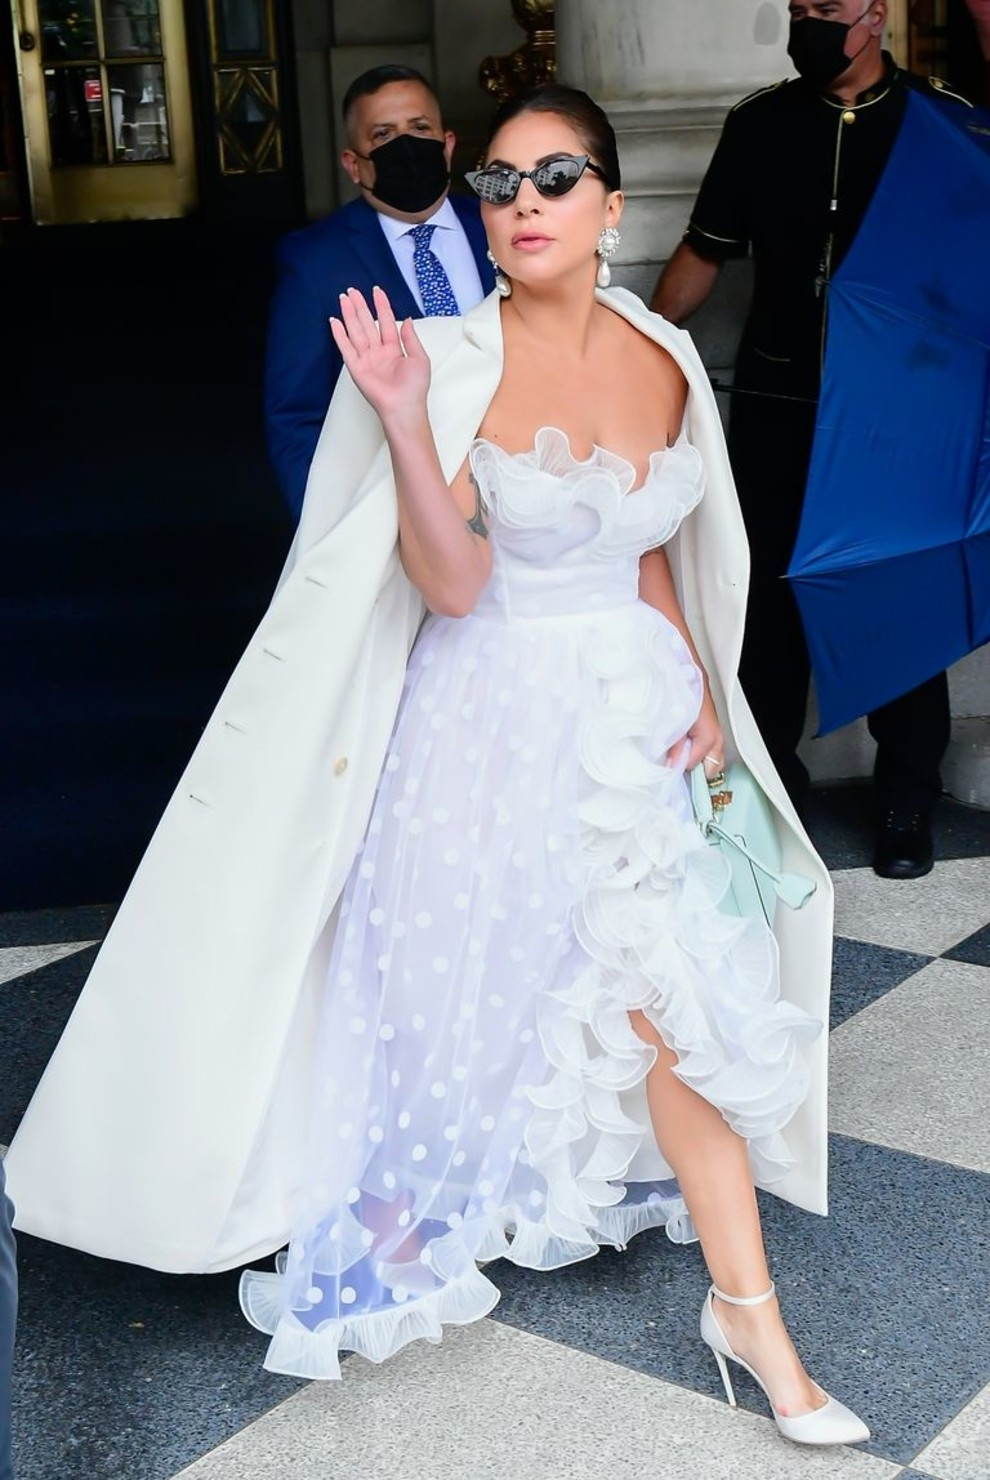 В духе старого Голливуда: Леди Гага восхитила поклонников новыми образами (ФОТО+ГОЛОСОВАНИЕ) - фото №4